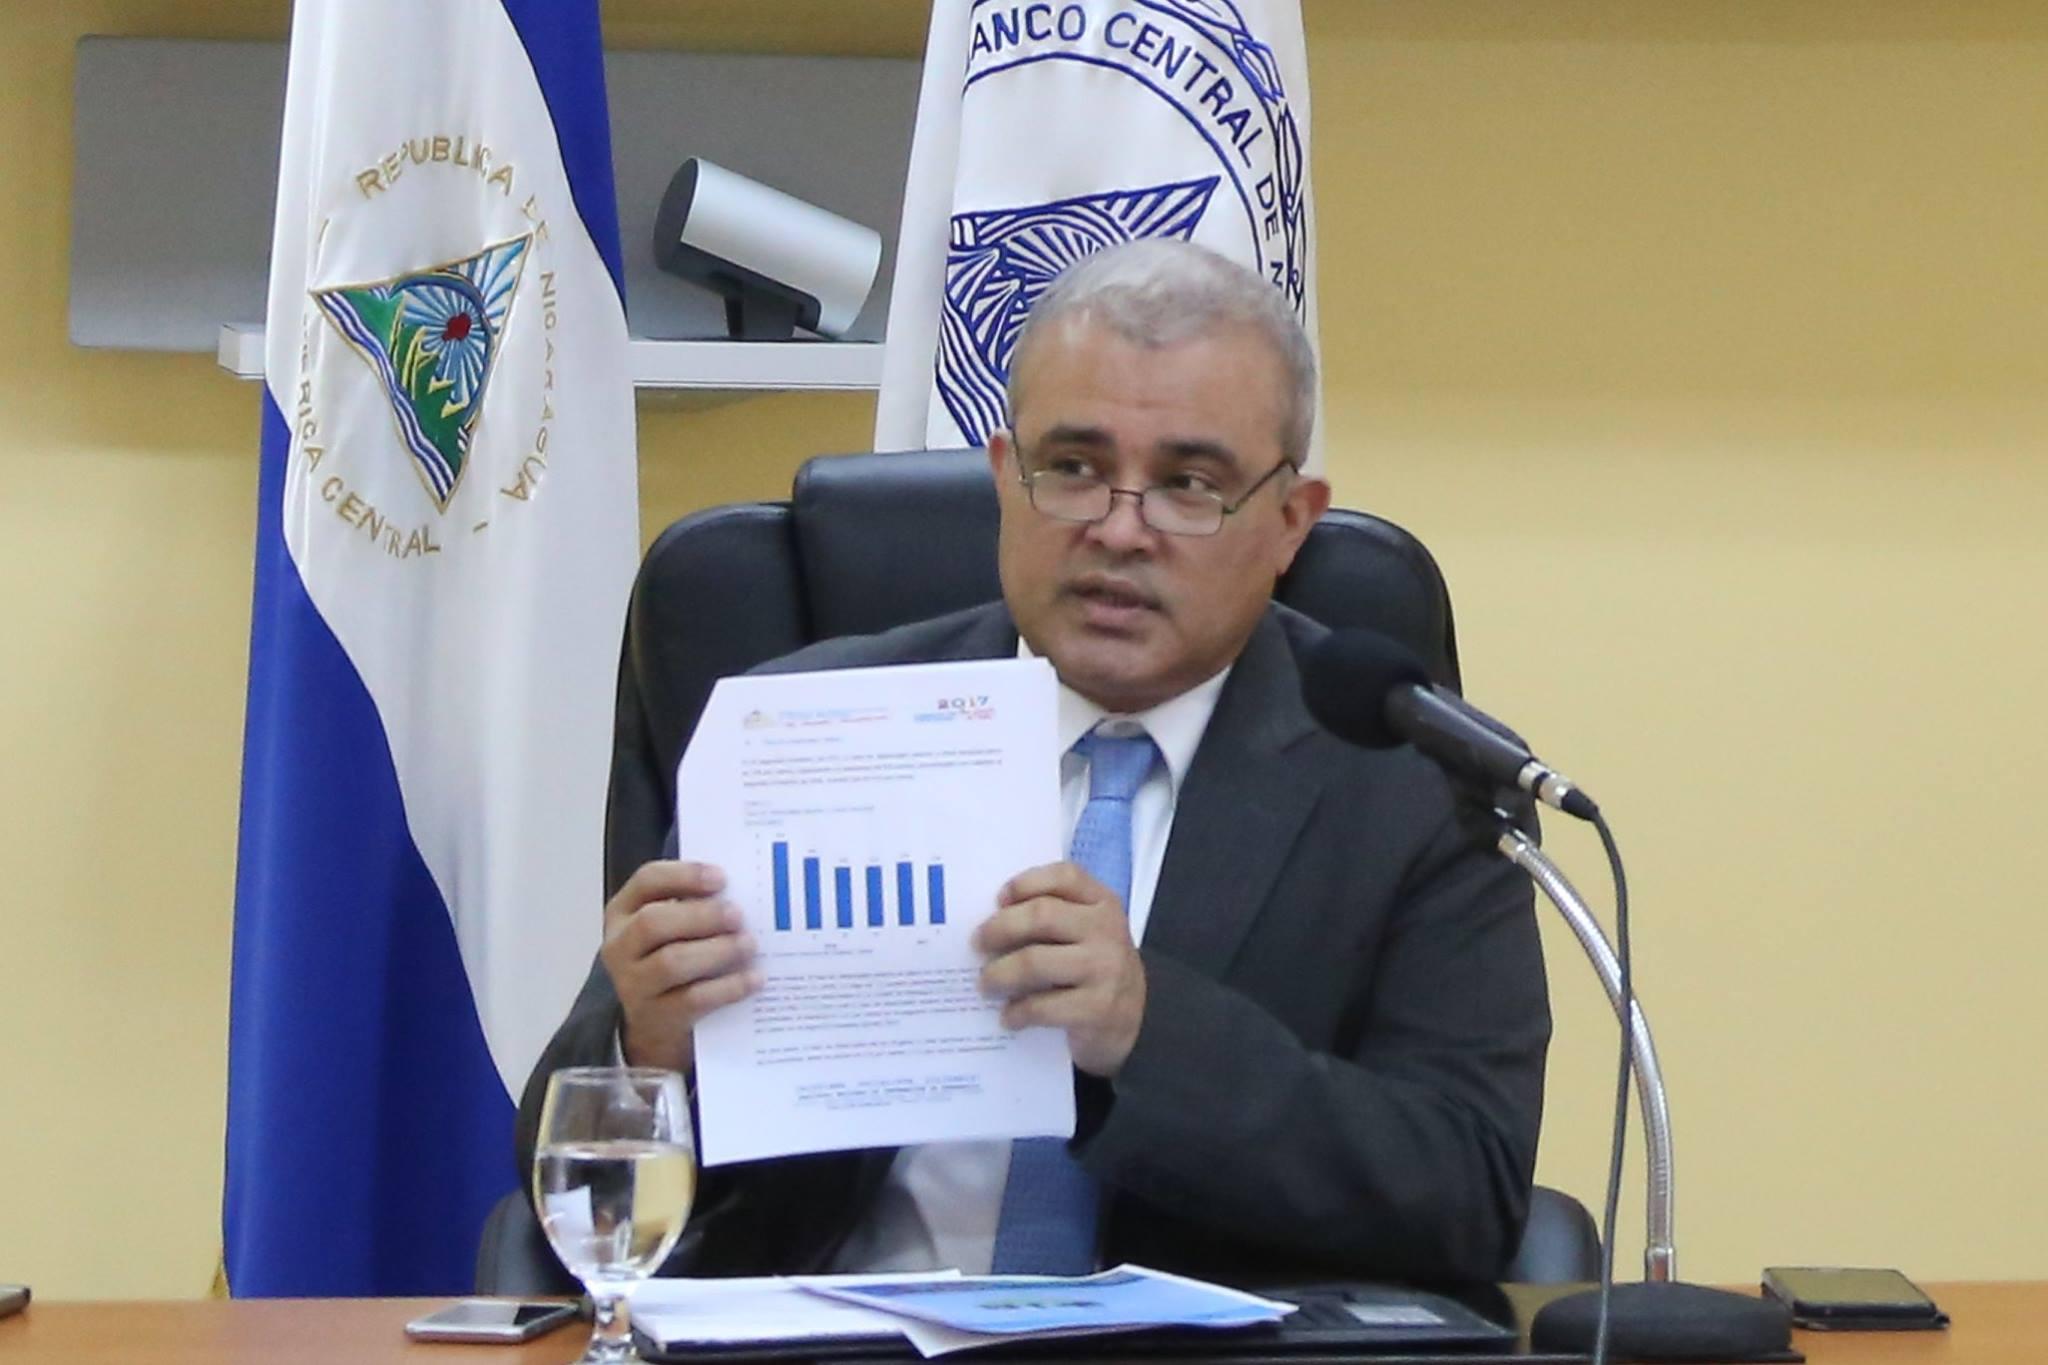 Hay claras señales de recuperación económica, dice Banco Central Managua. Radio La Primerísima.